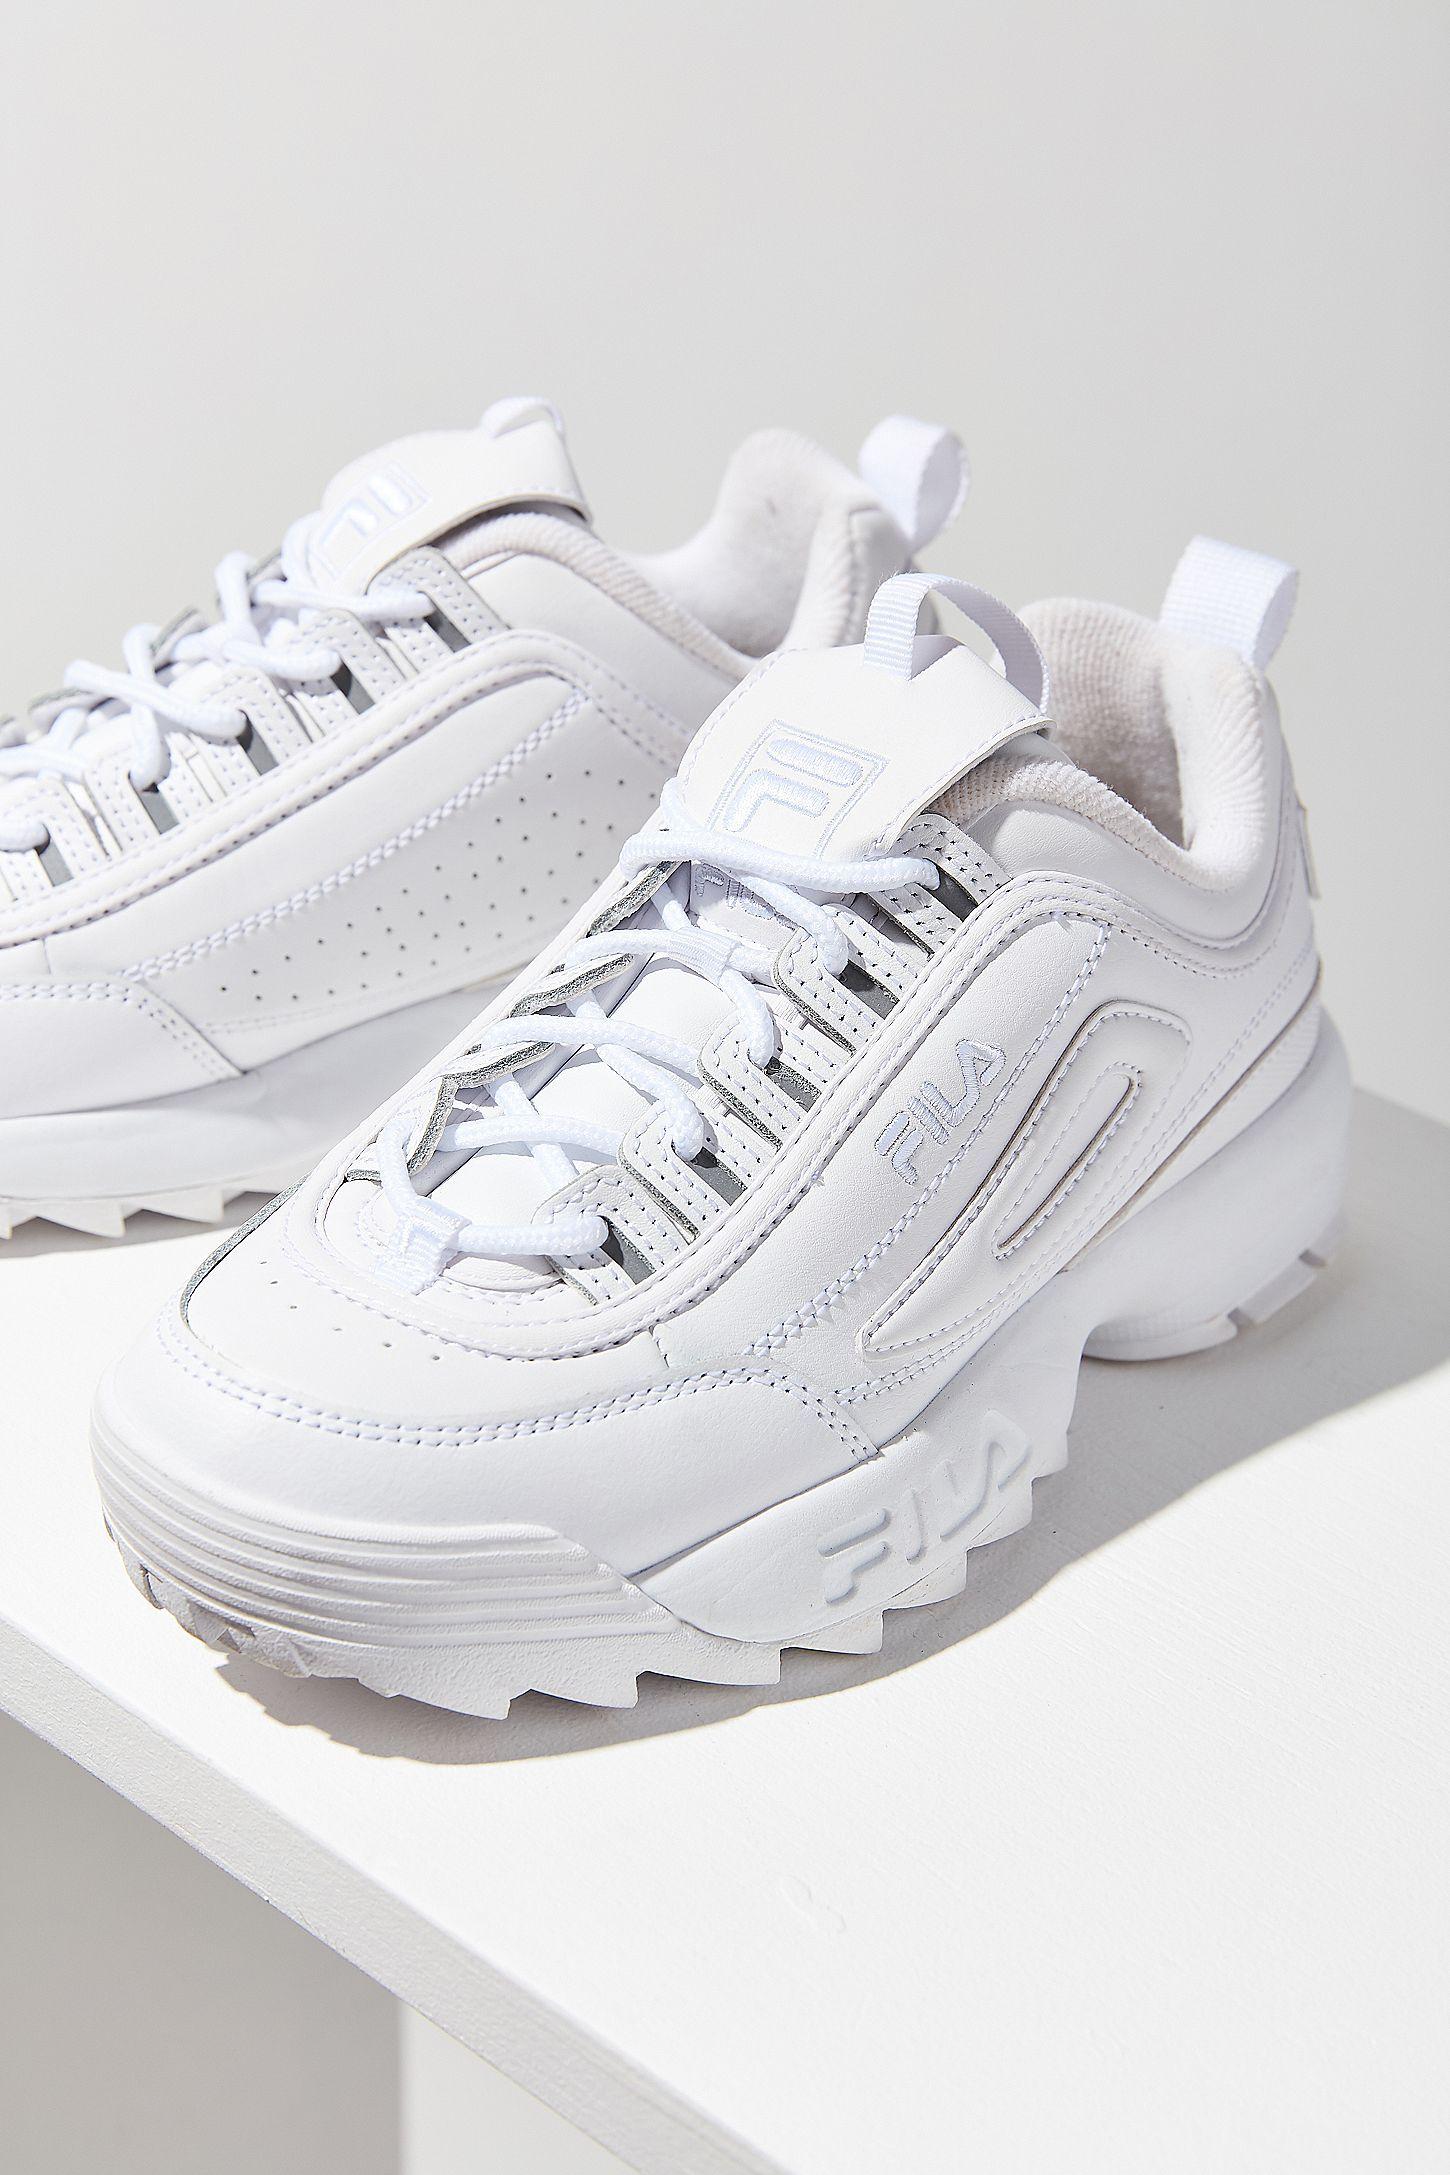 54117e9974 Slide View  1  FILA Disruptor 2 Premium Mono Sneaker